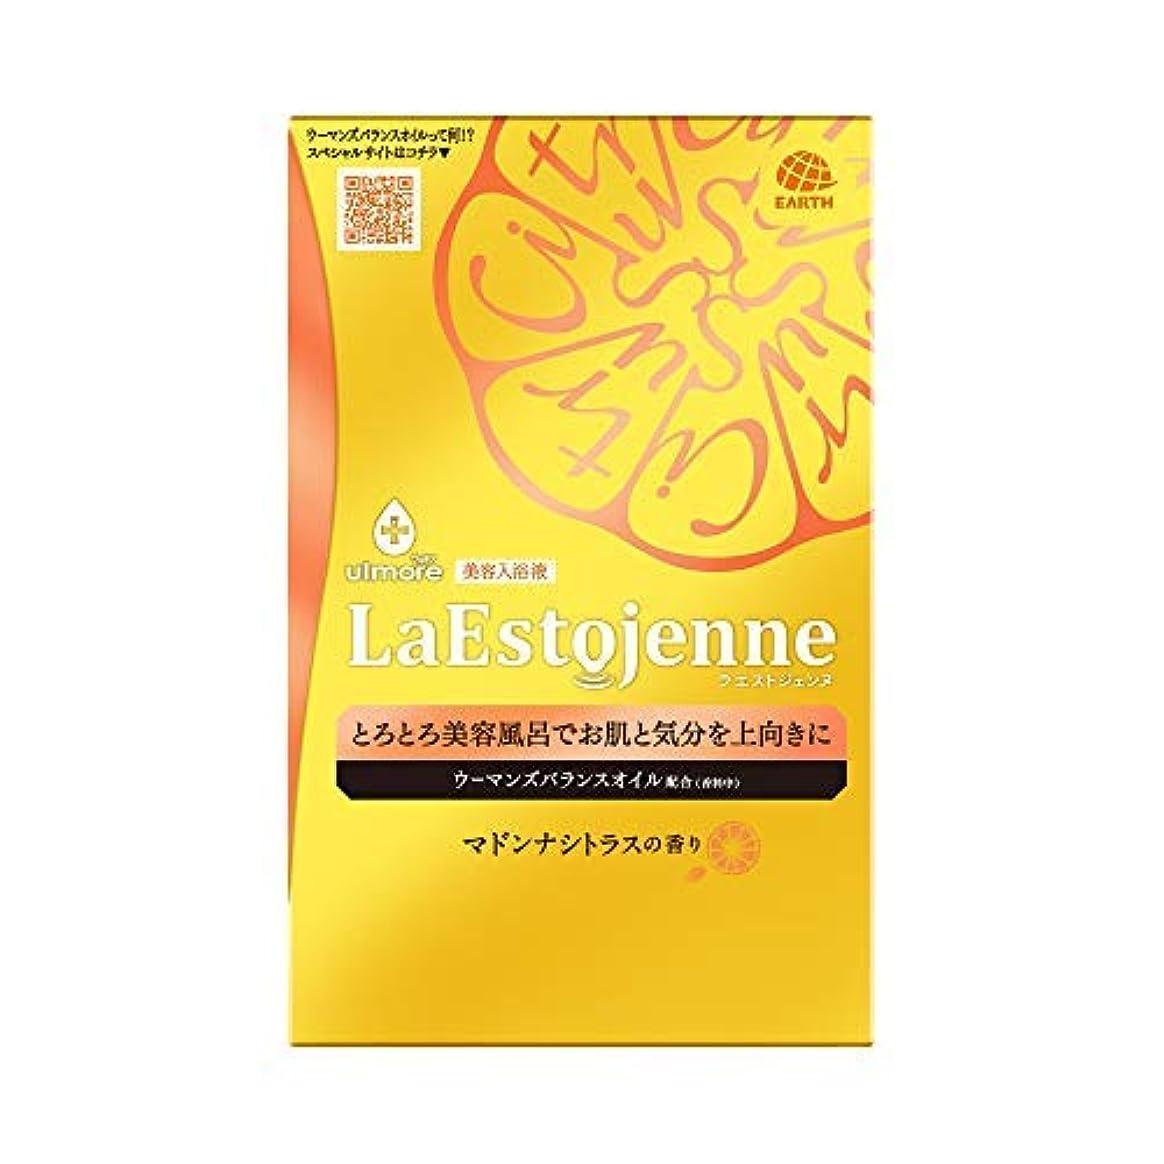 再び卑しいダッシュウルモア ラエストジェンヌ マドンナシトラスの香り 3包入り × 3個セット